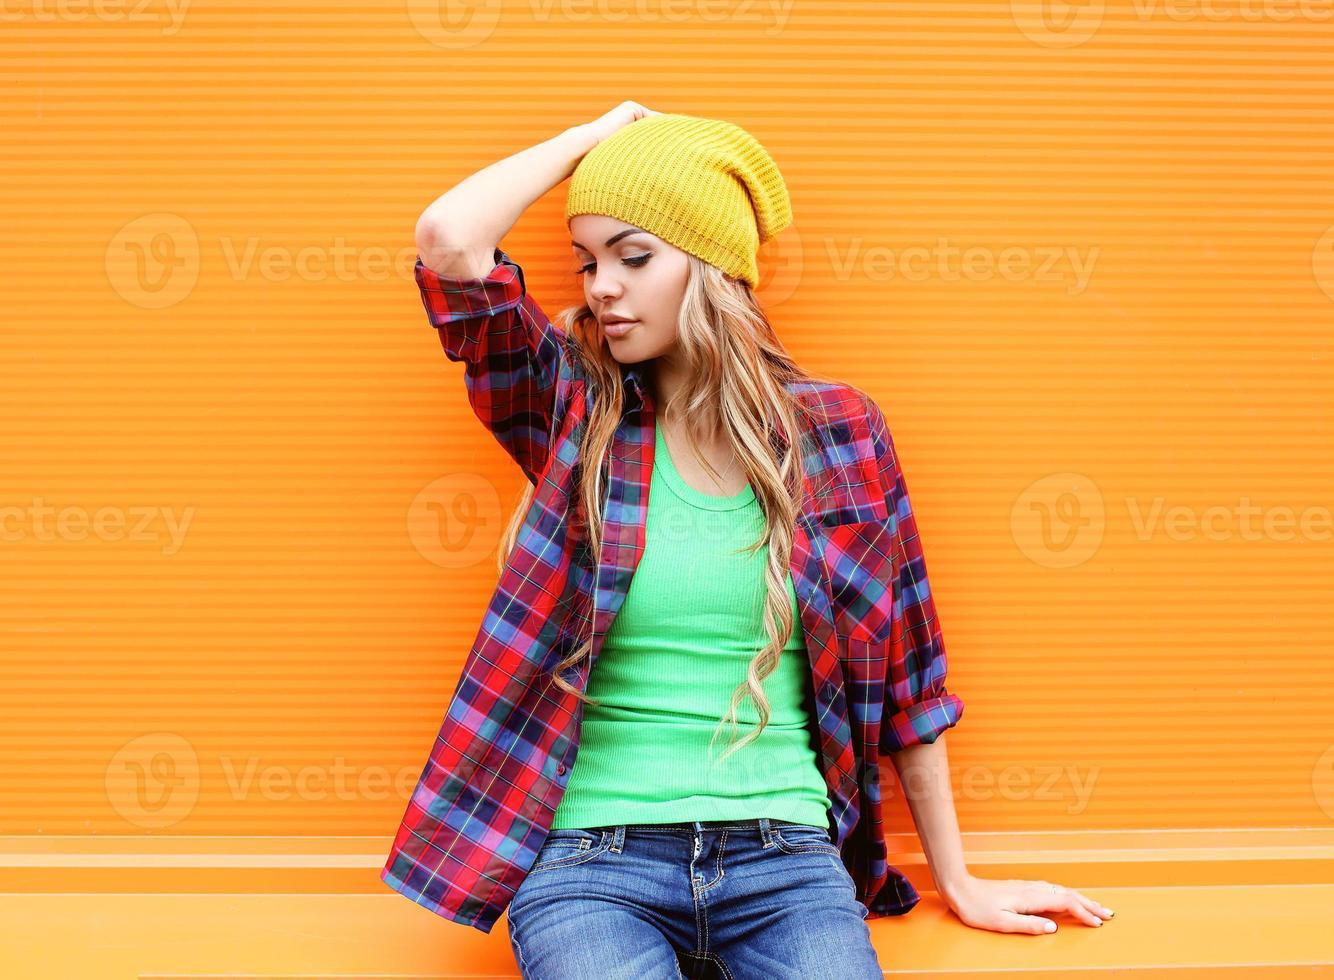 portret van mooie blonde vrouw poseren in de stad foto